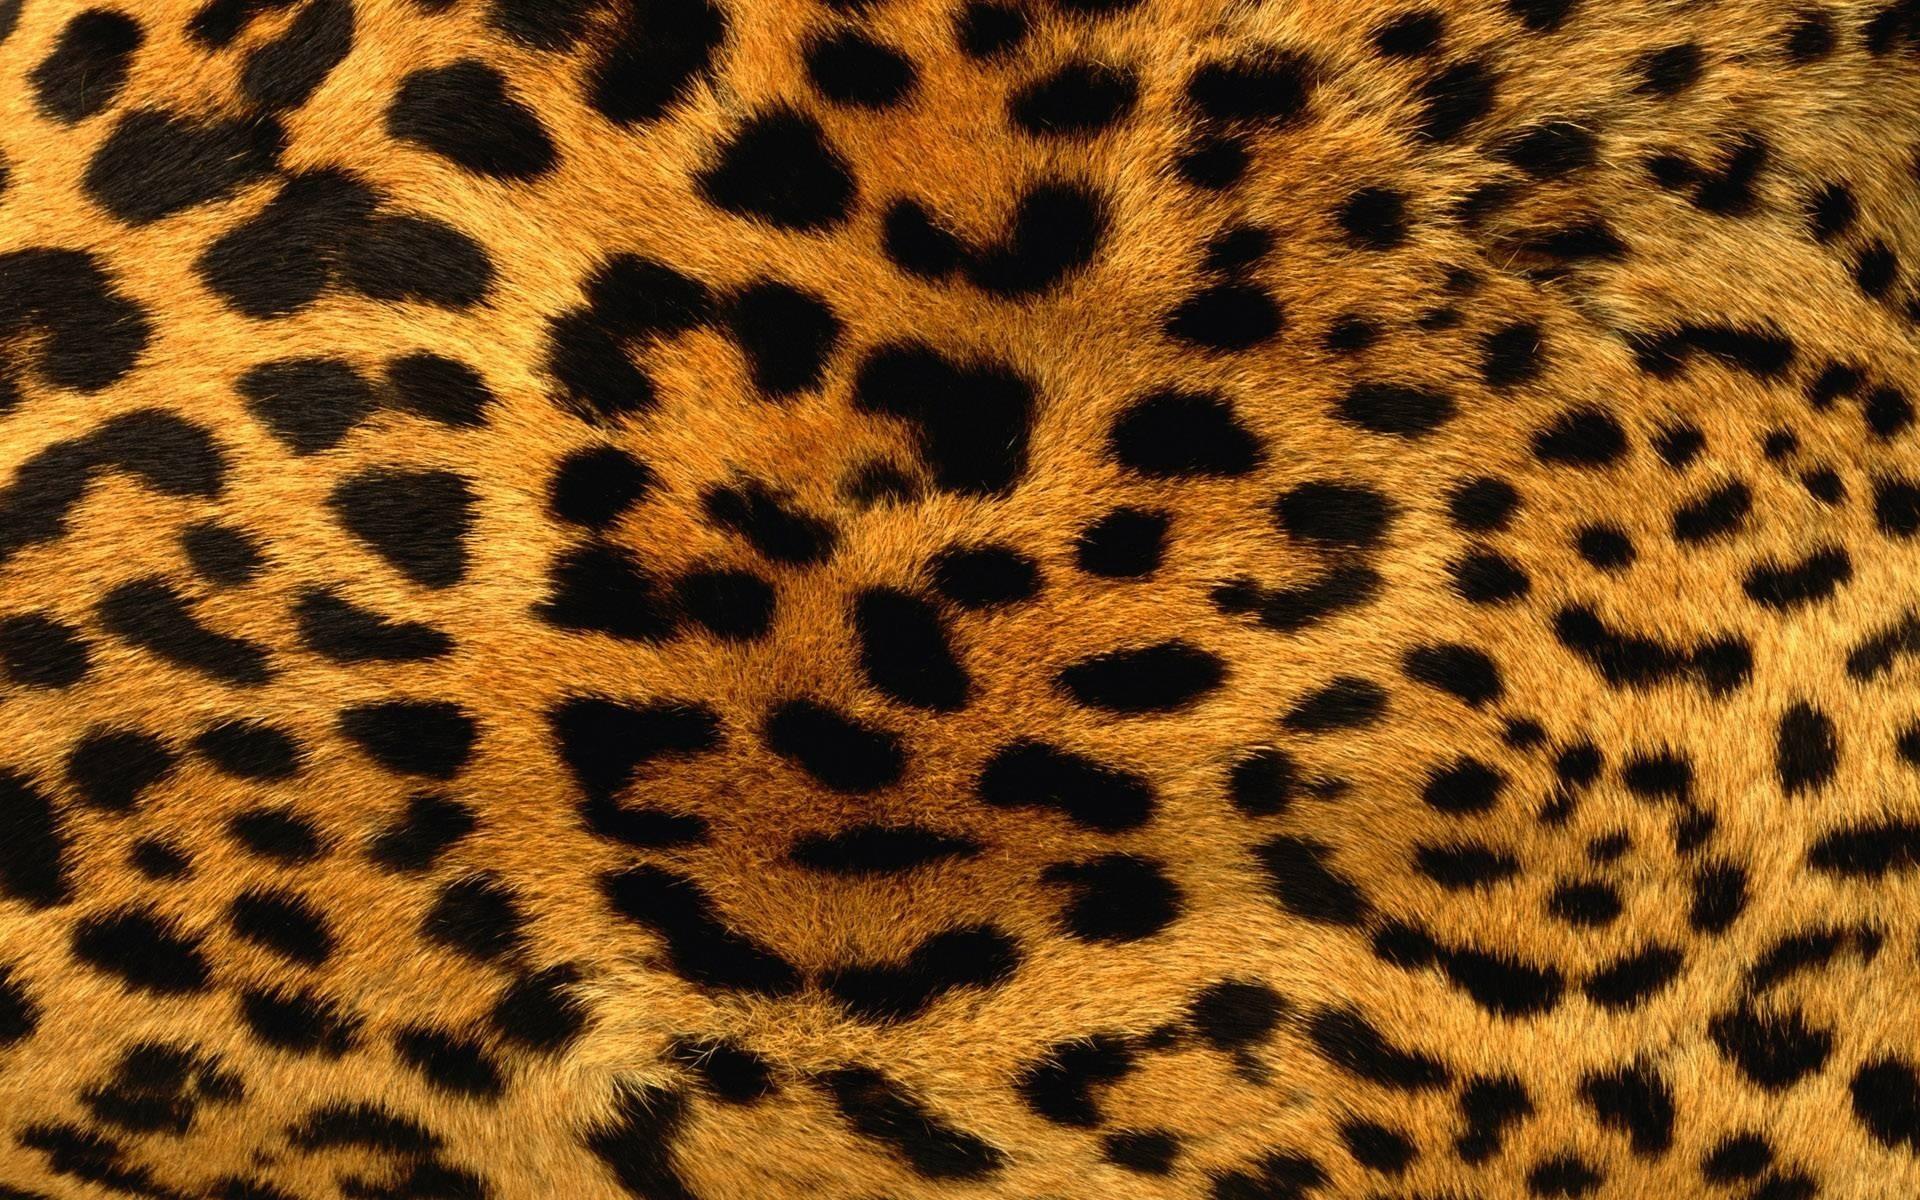 Animal Desktop Backgrounds 81 Images